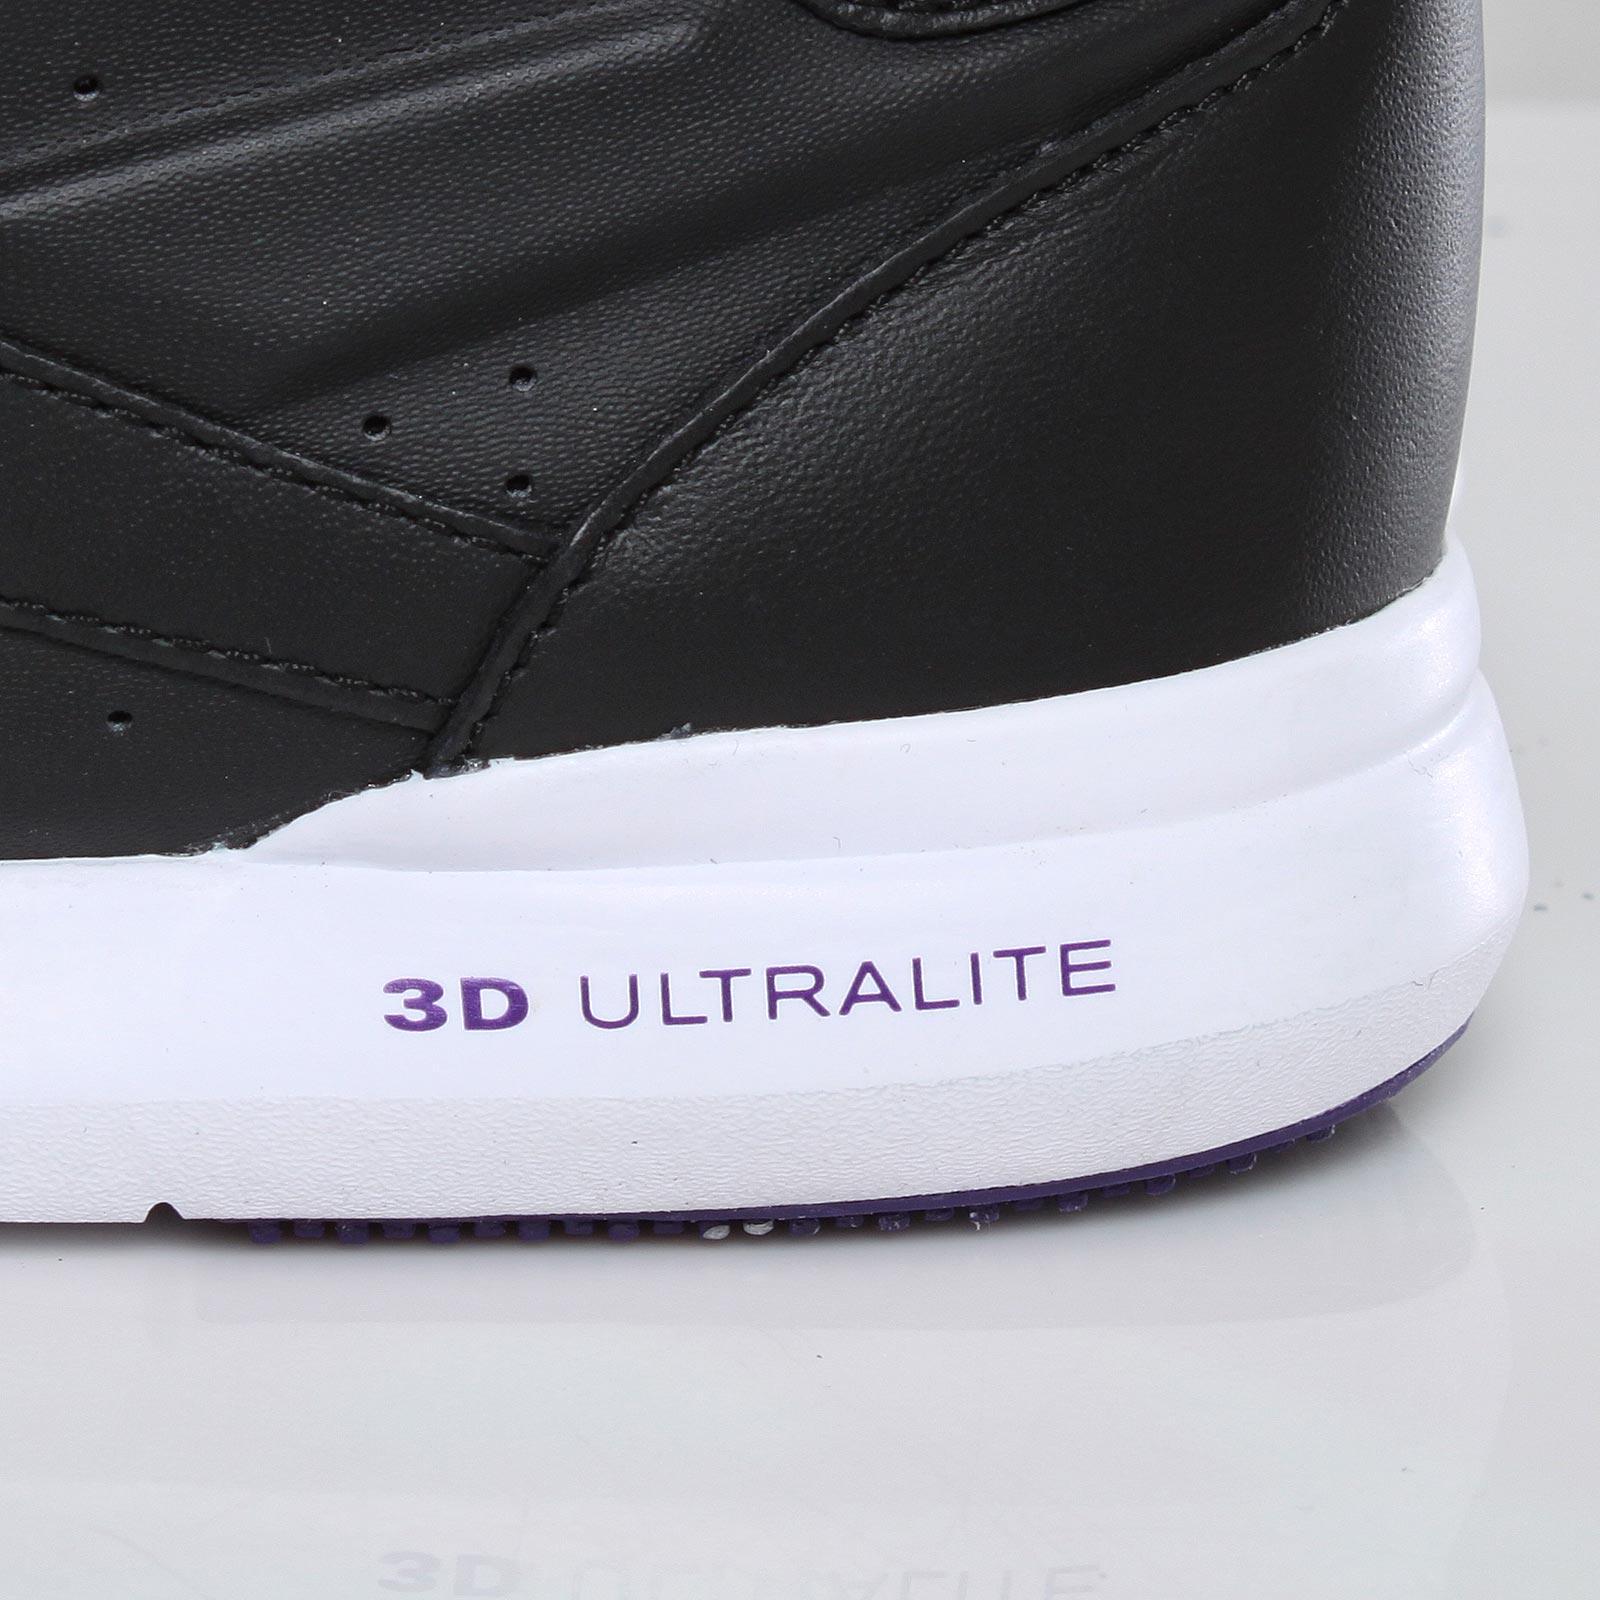 reebok ultralite